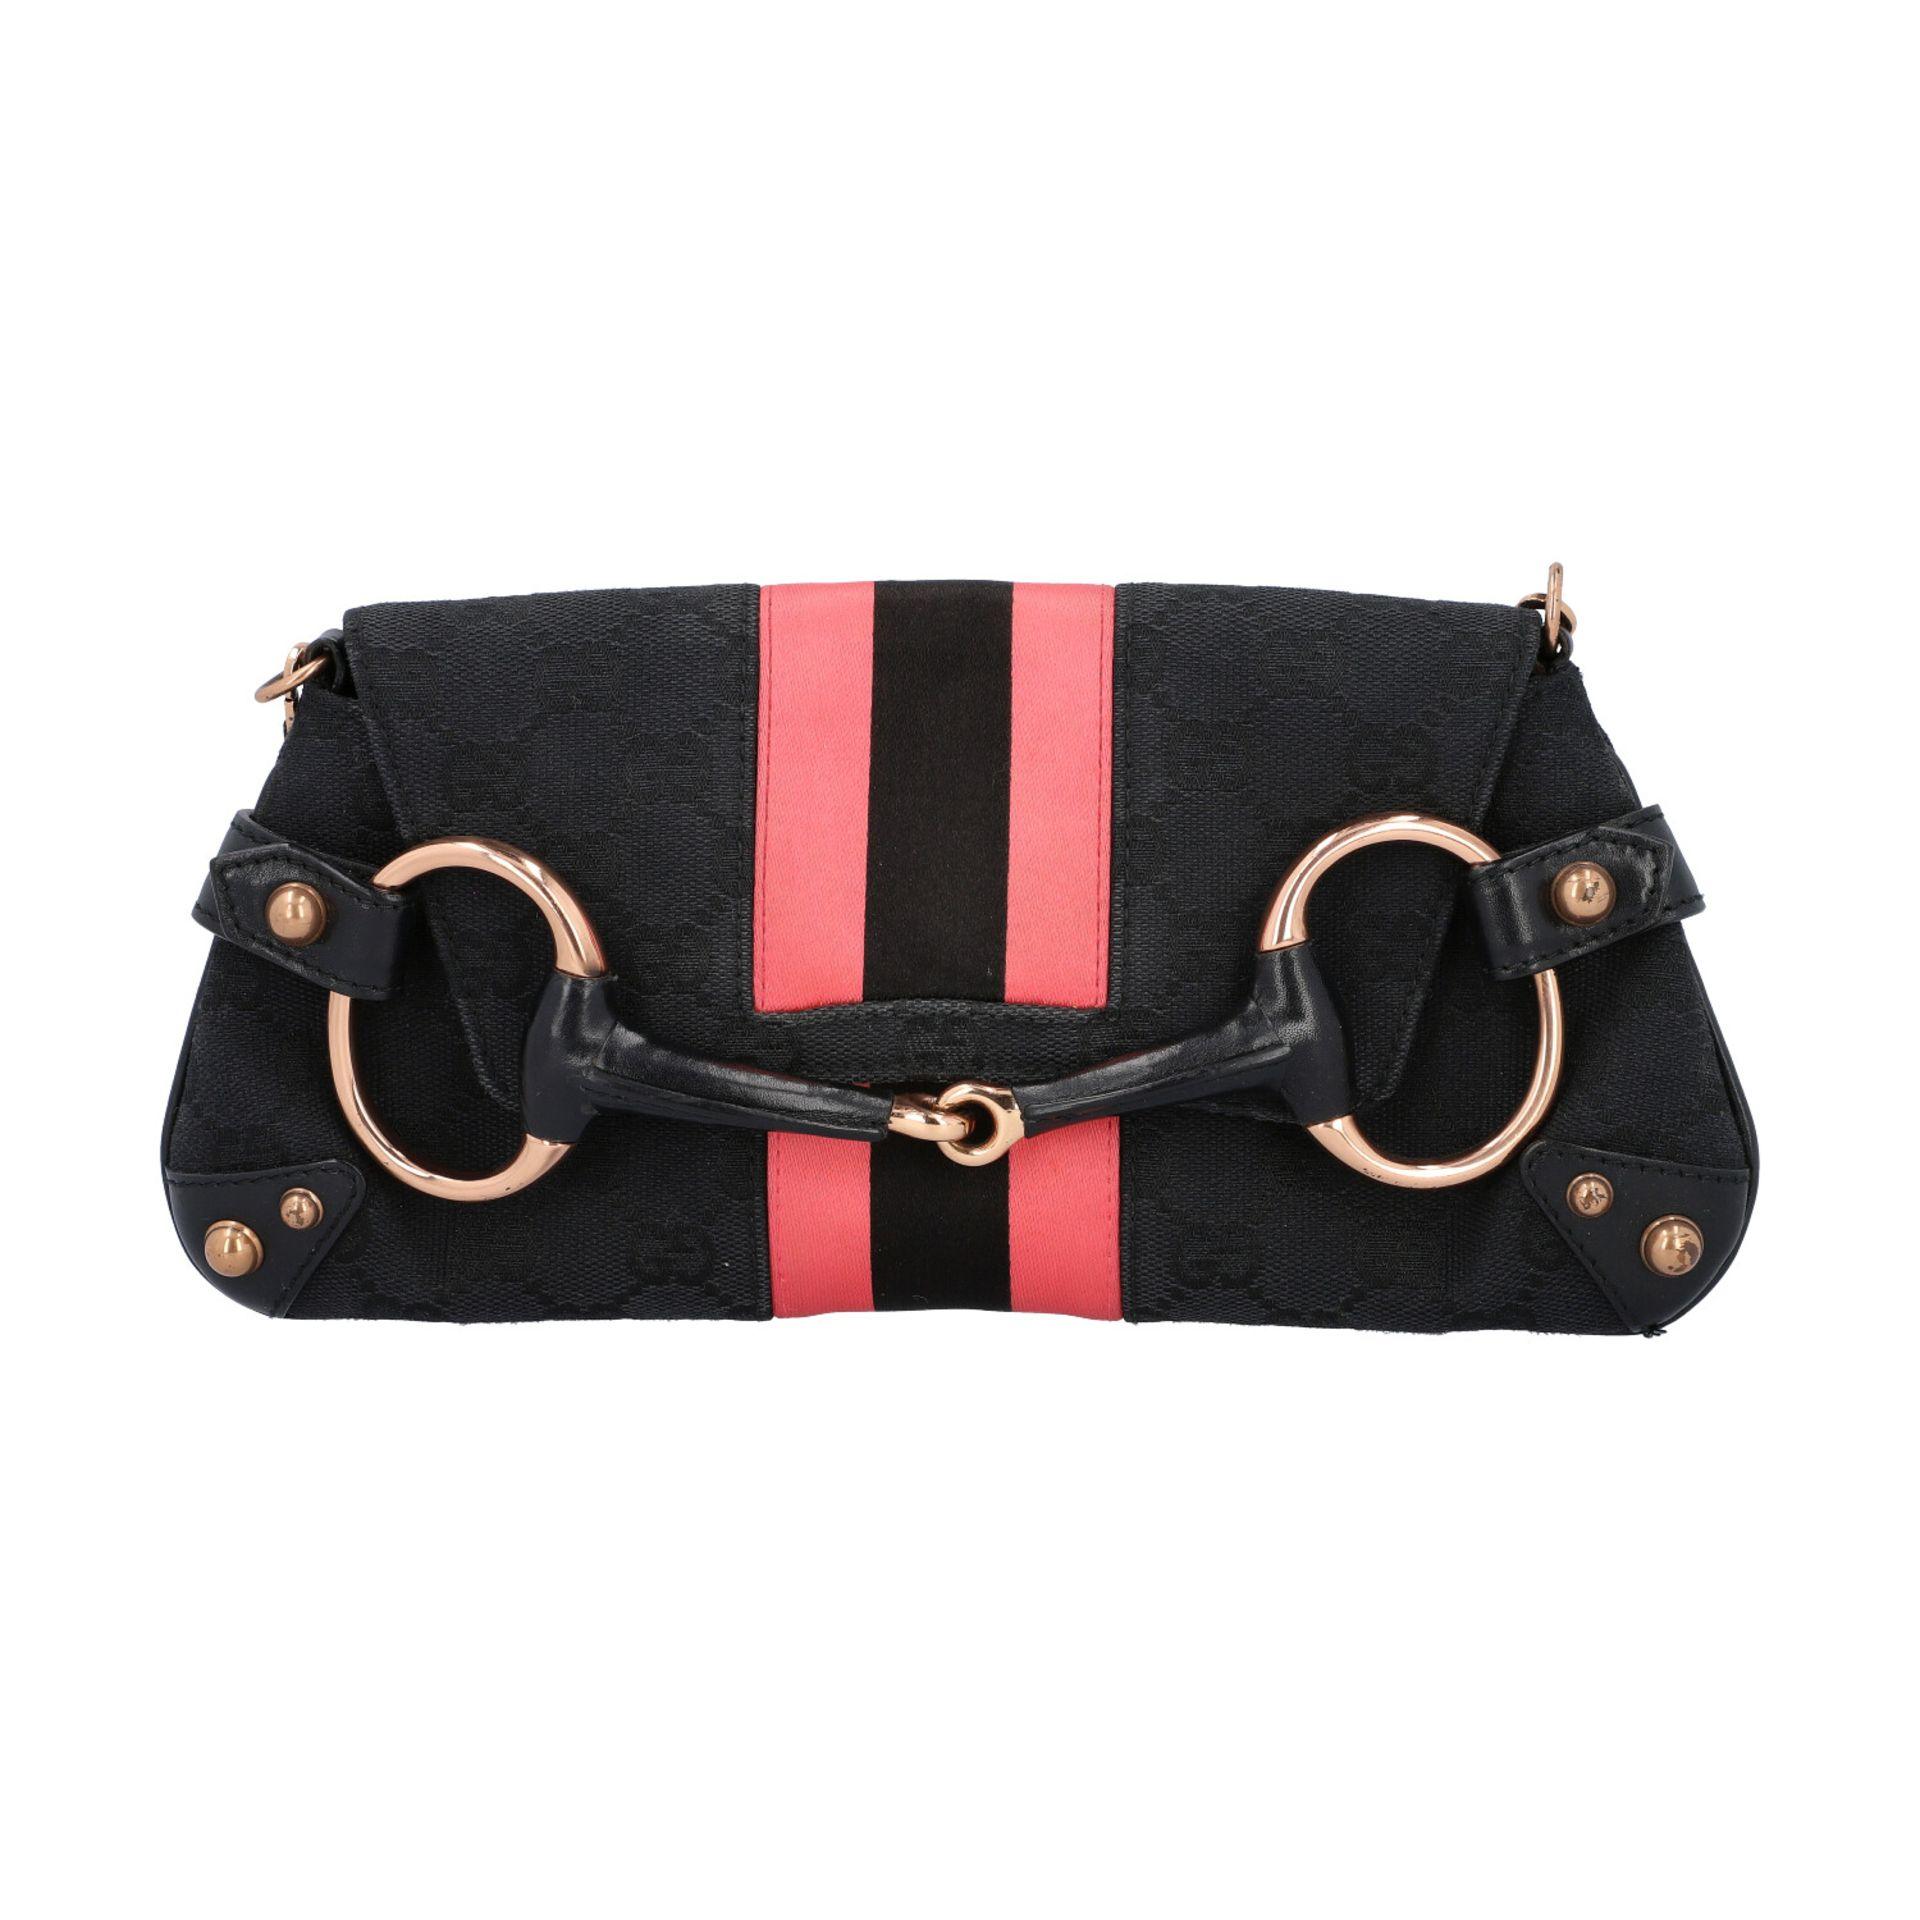 GUCCI Pochette. Guccissima Webmuster in Schwarz mit rosafarbenen Streifen und roségol